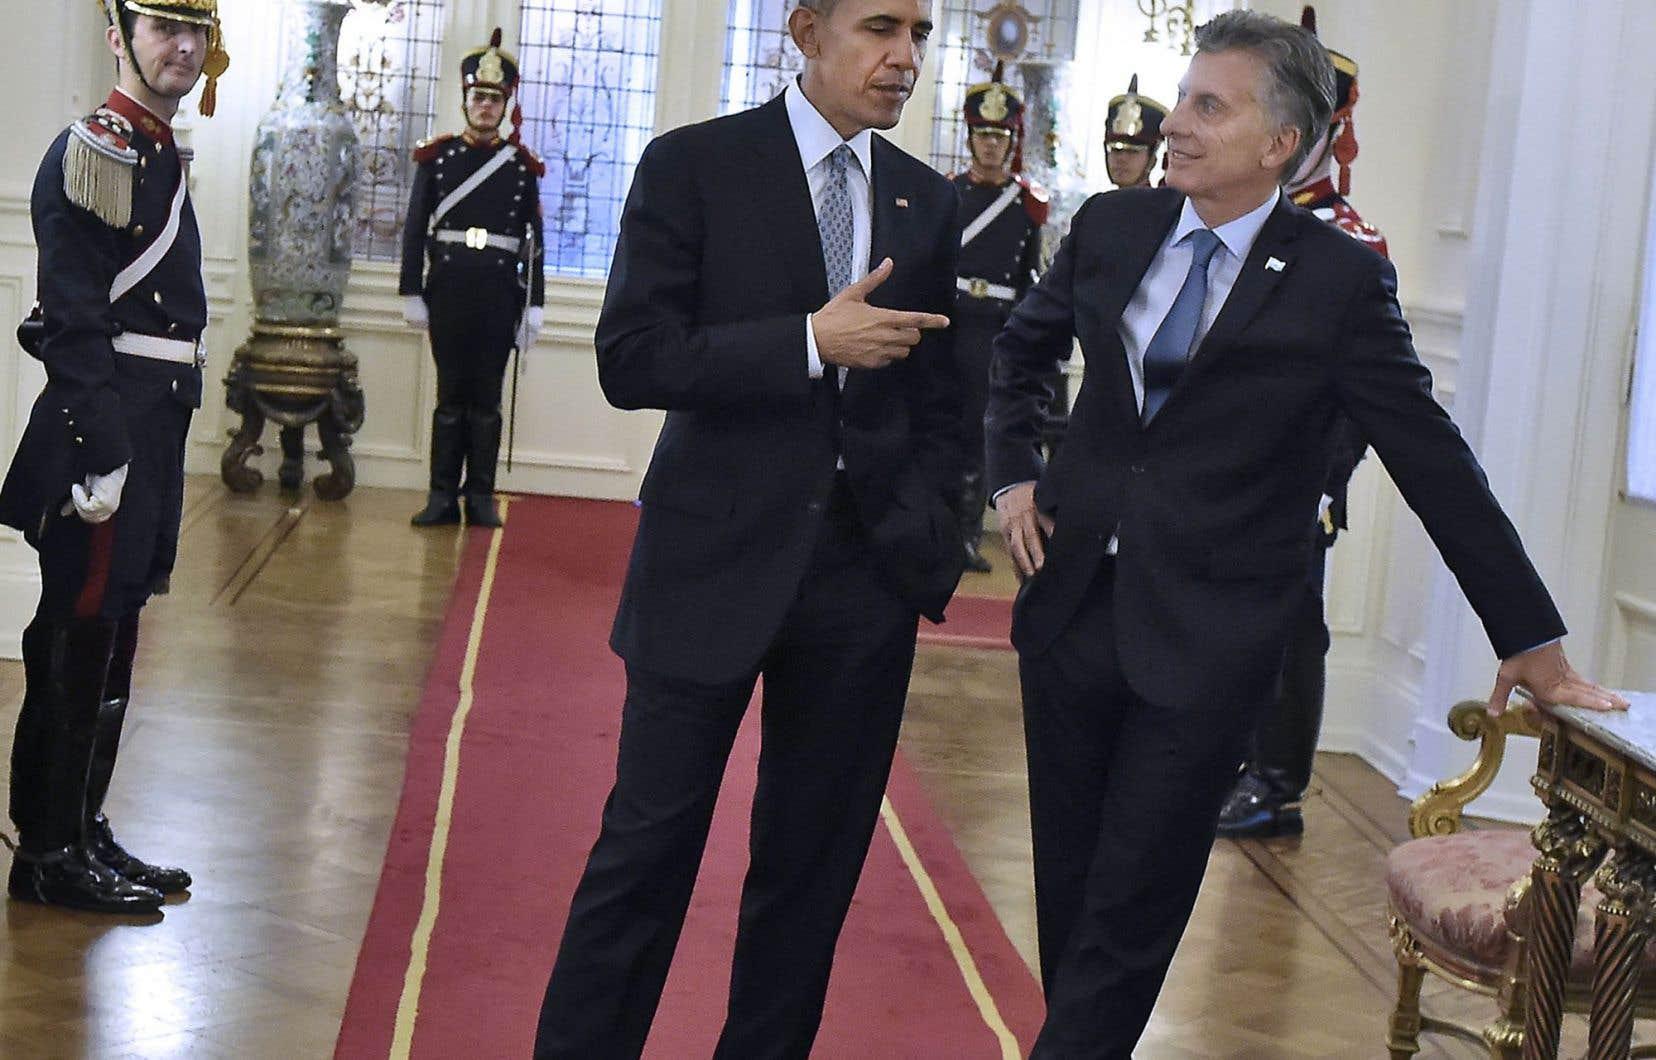 Barack Obama en compagnie du nouveau président argentin, Mauricio Macri, au palais présidentiel